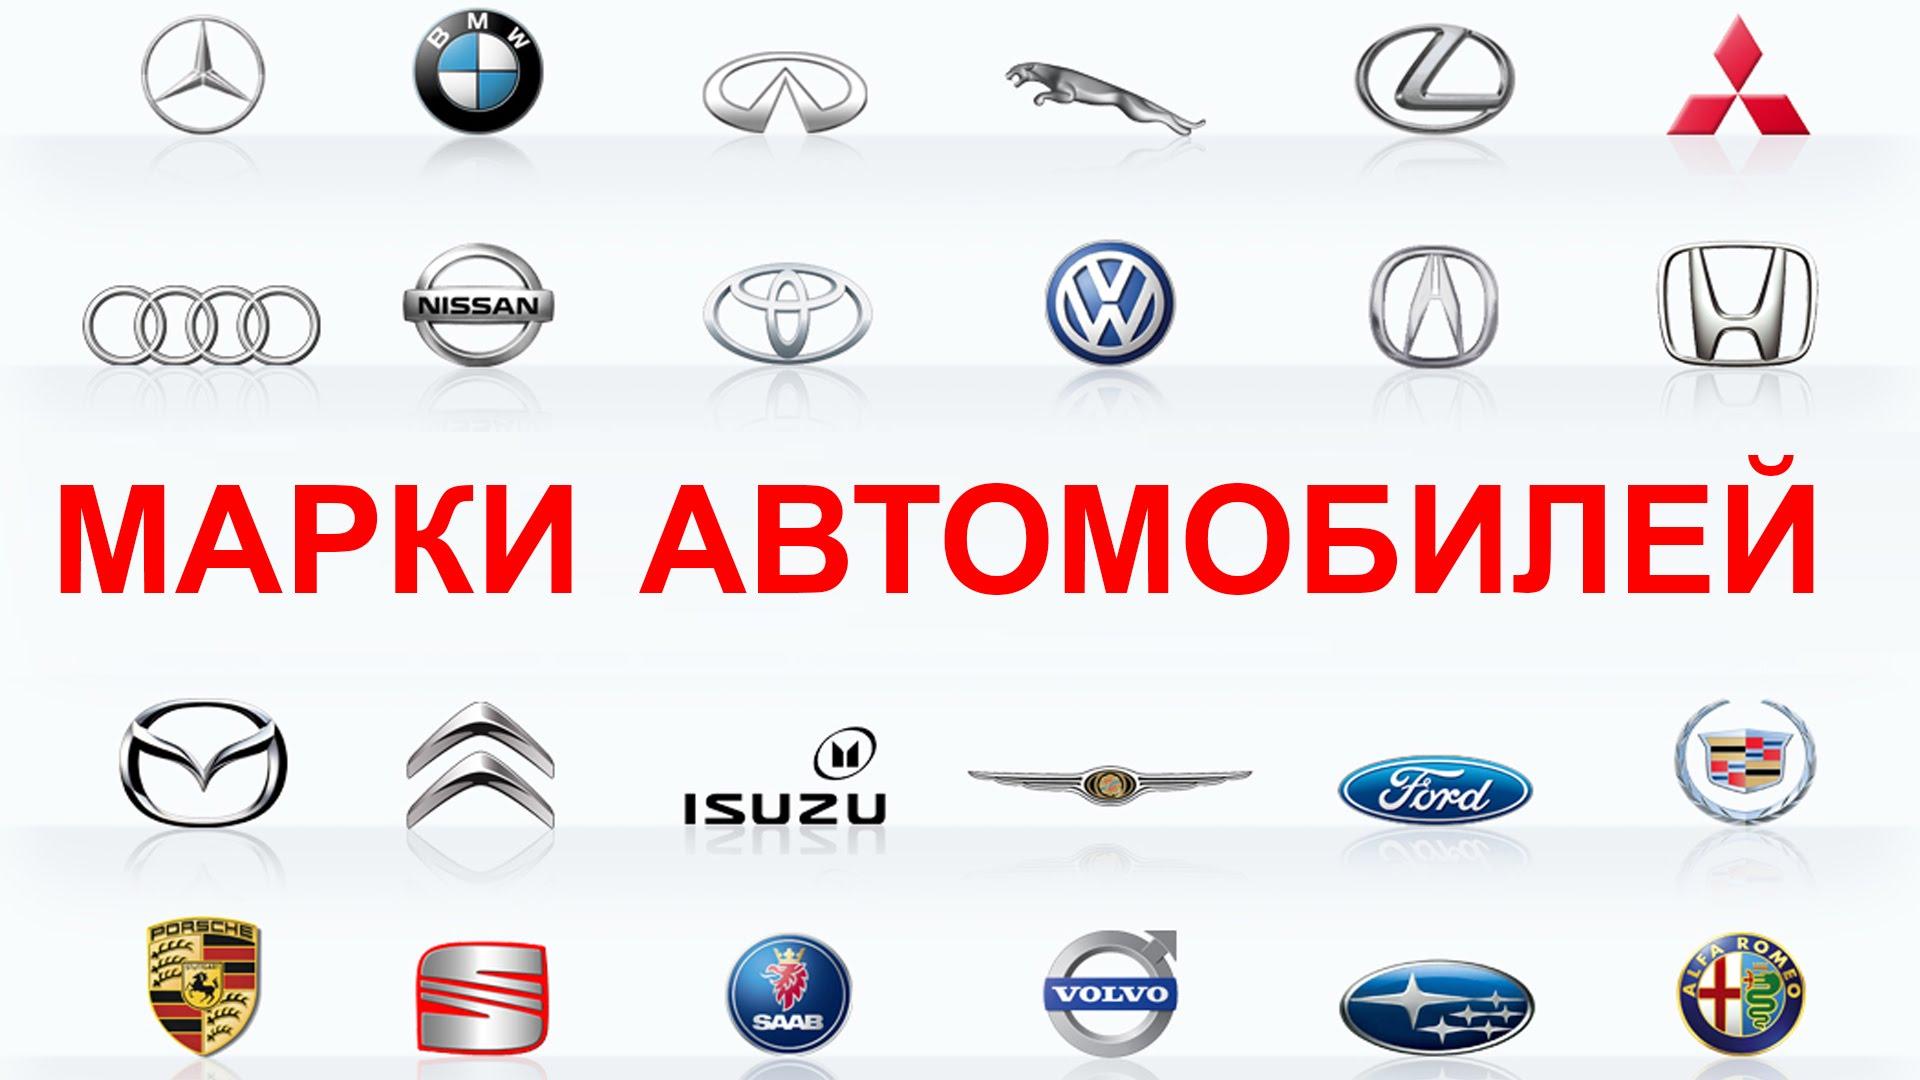 Показать все значки автомобилей с названиями фото